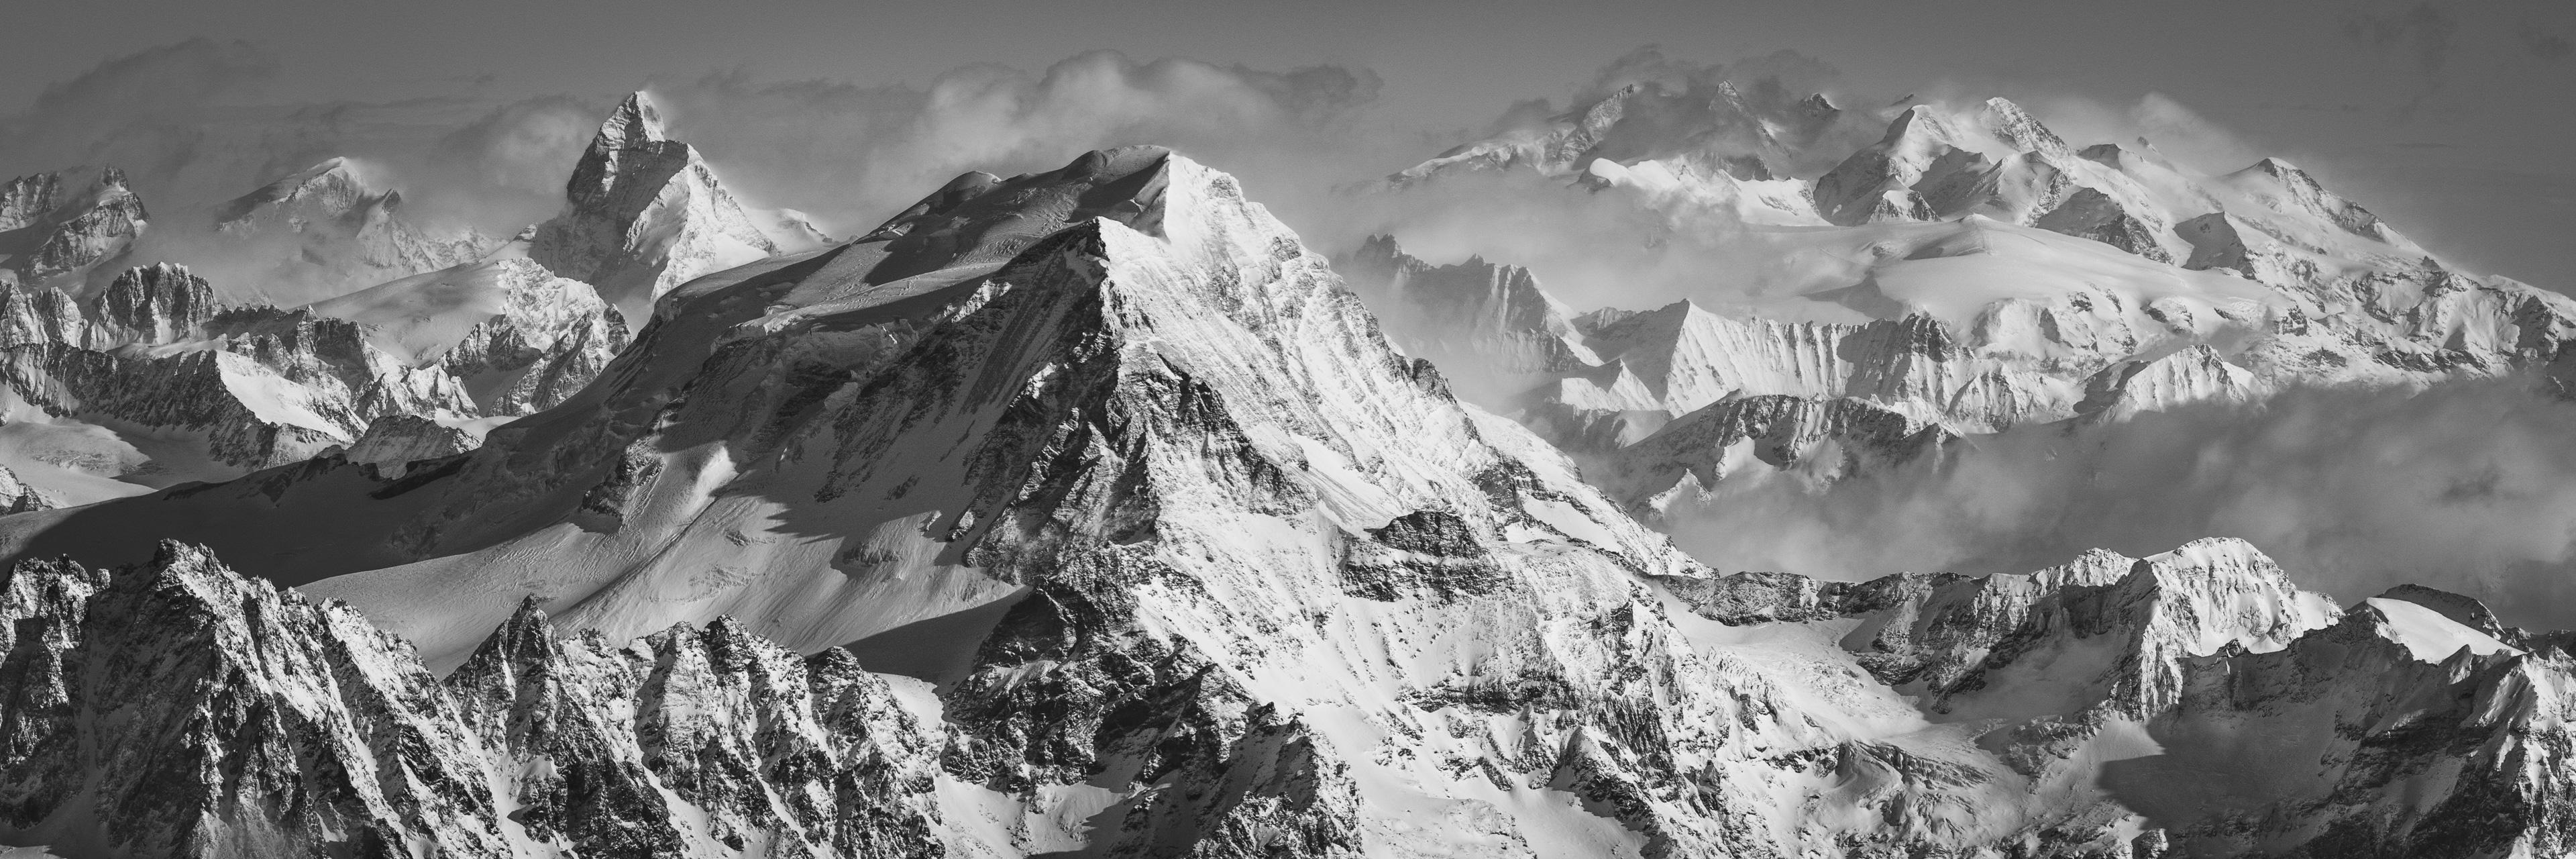 Mont Rose - Mont Cervin - Combin - photo panoramique massif des Alpes suisses et des massif montagneux